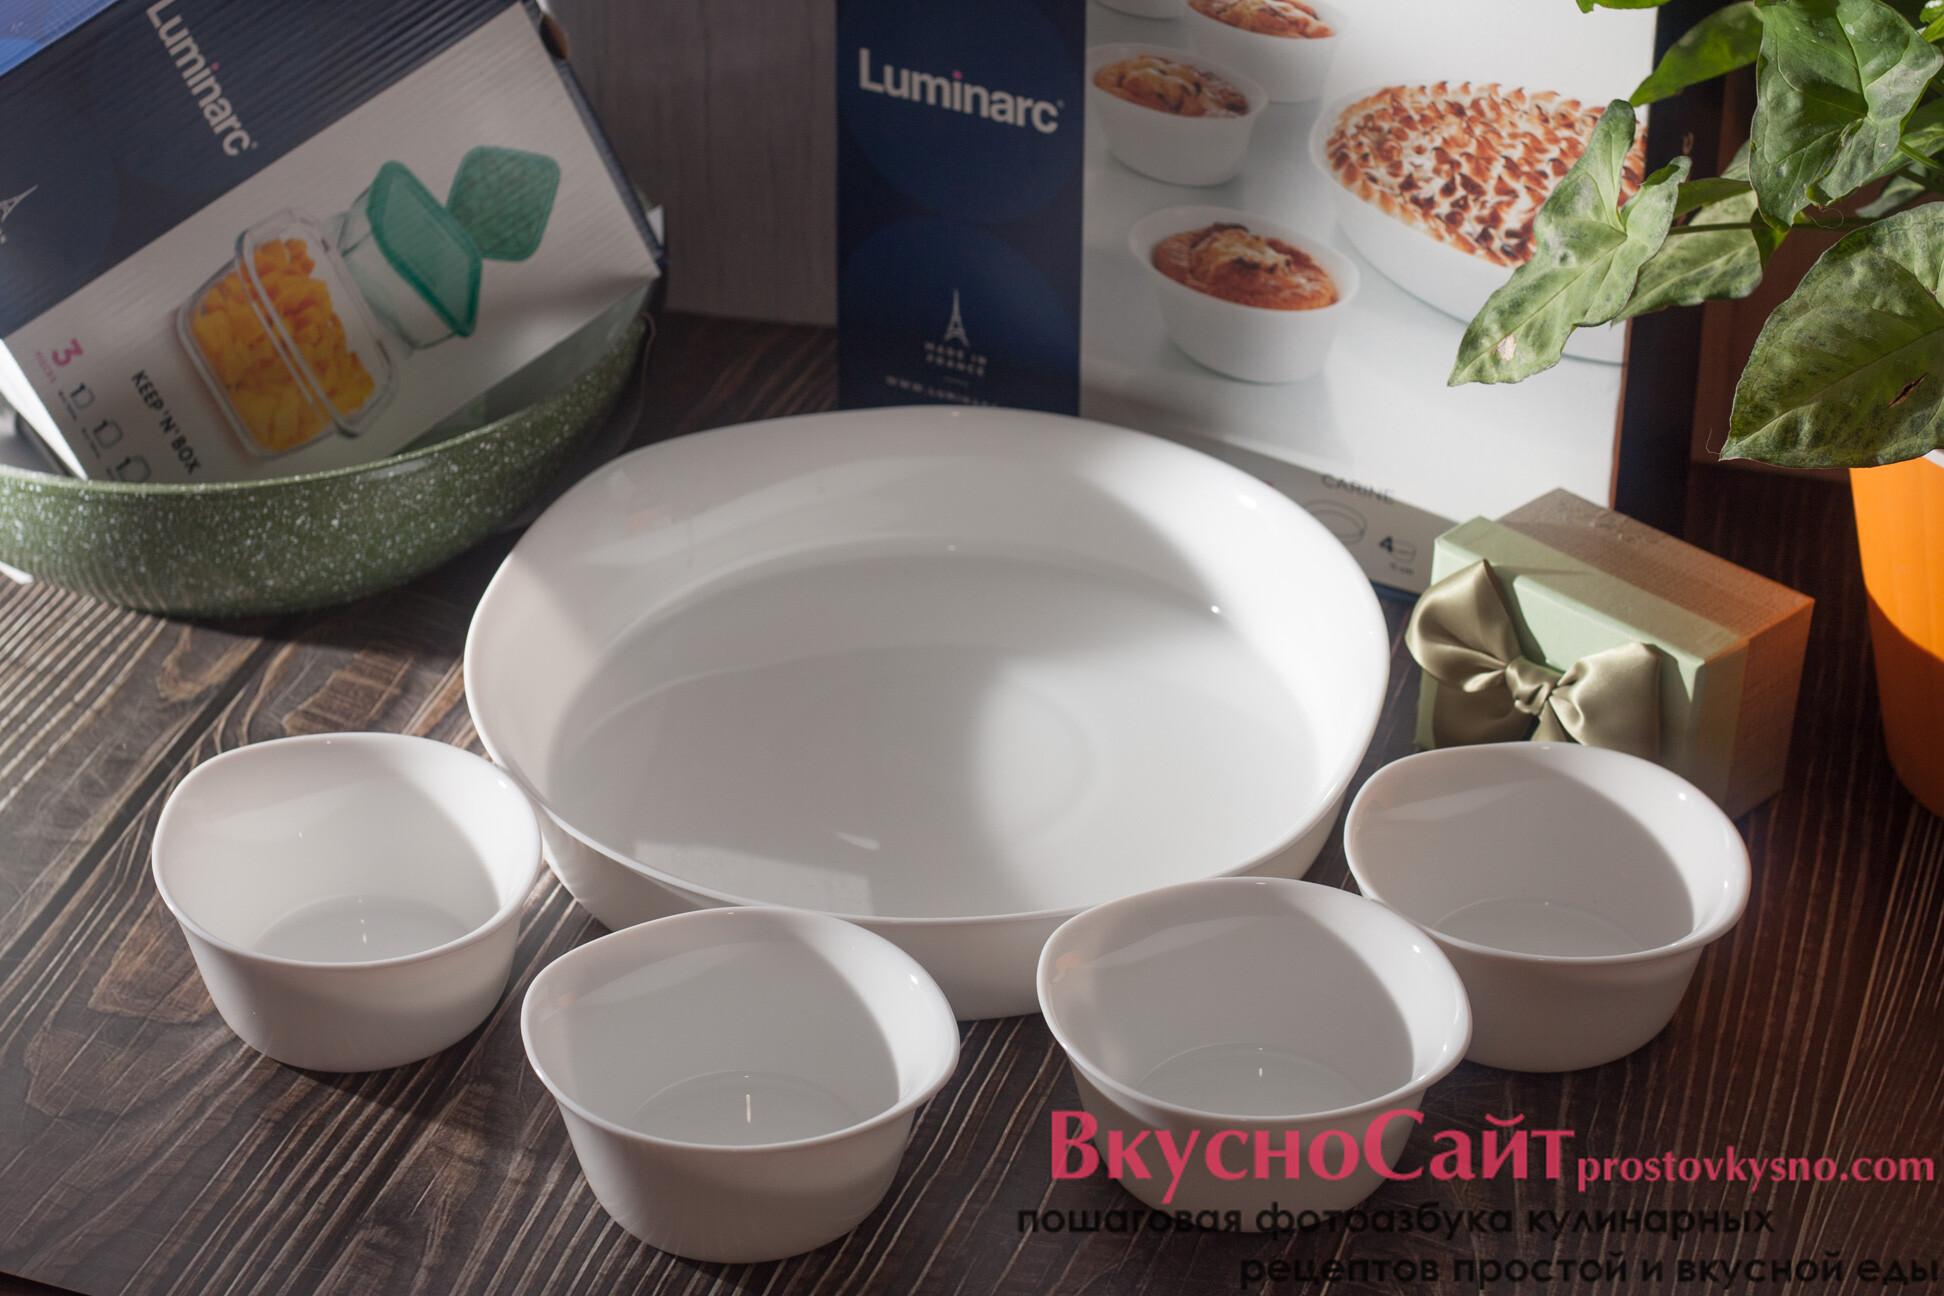 Набор форм для запекания Luminarc Smart Cuisine из 5 предметов